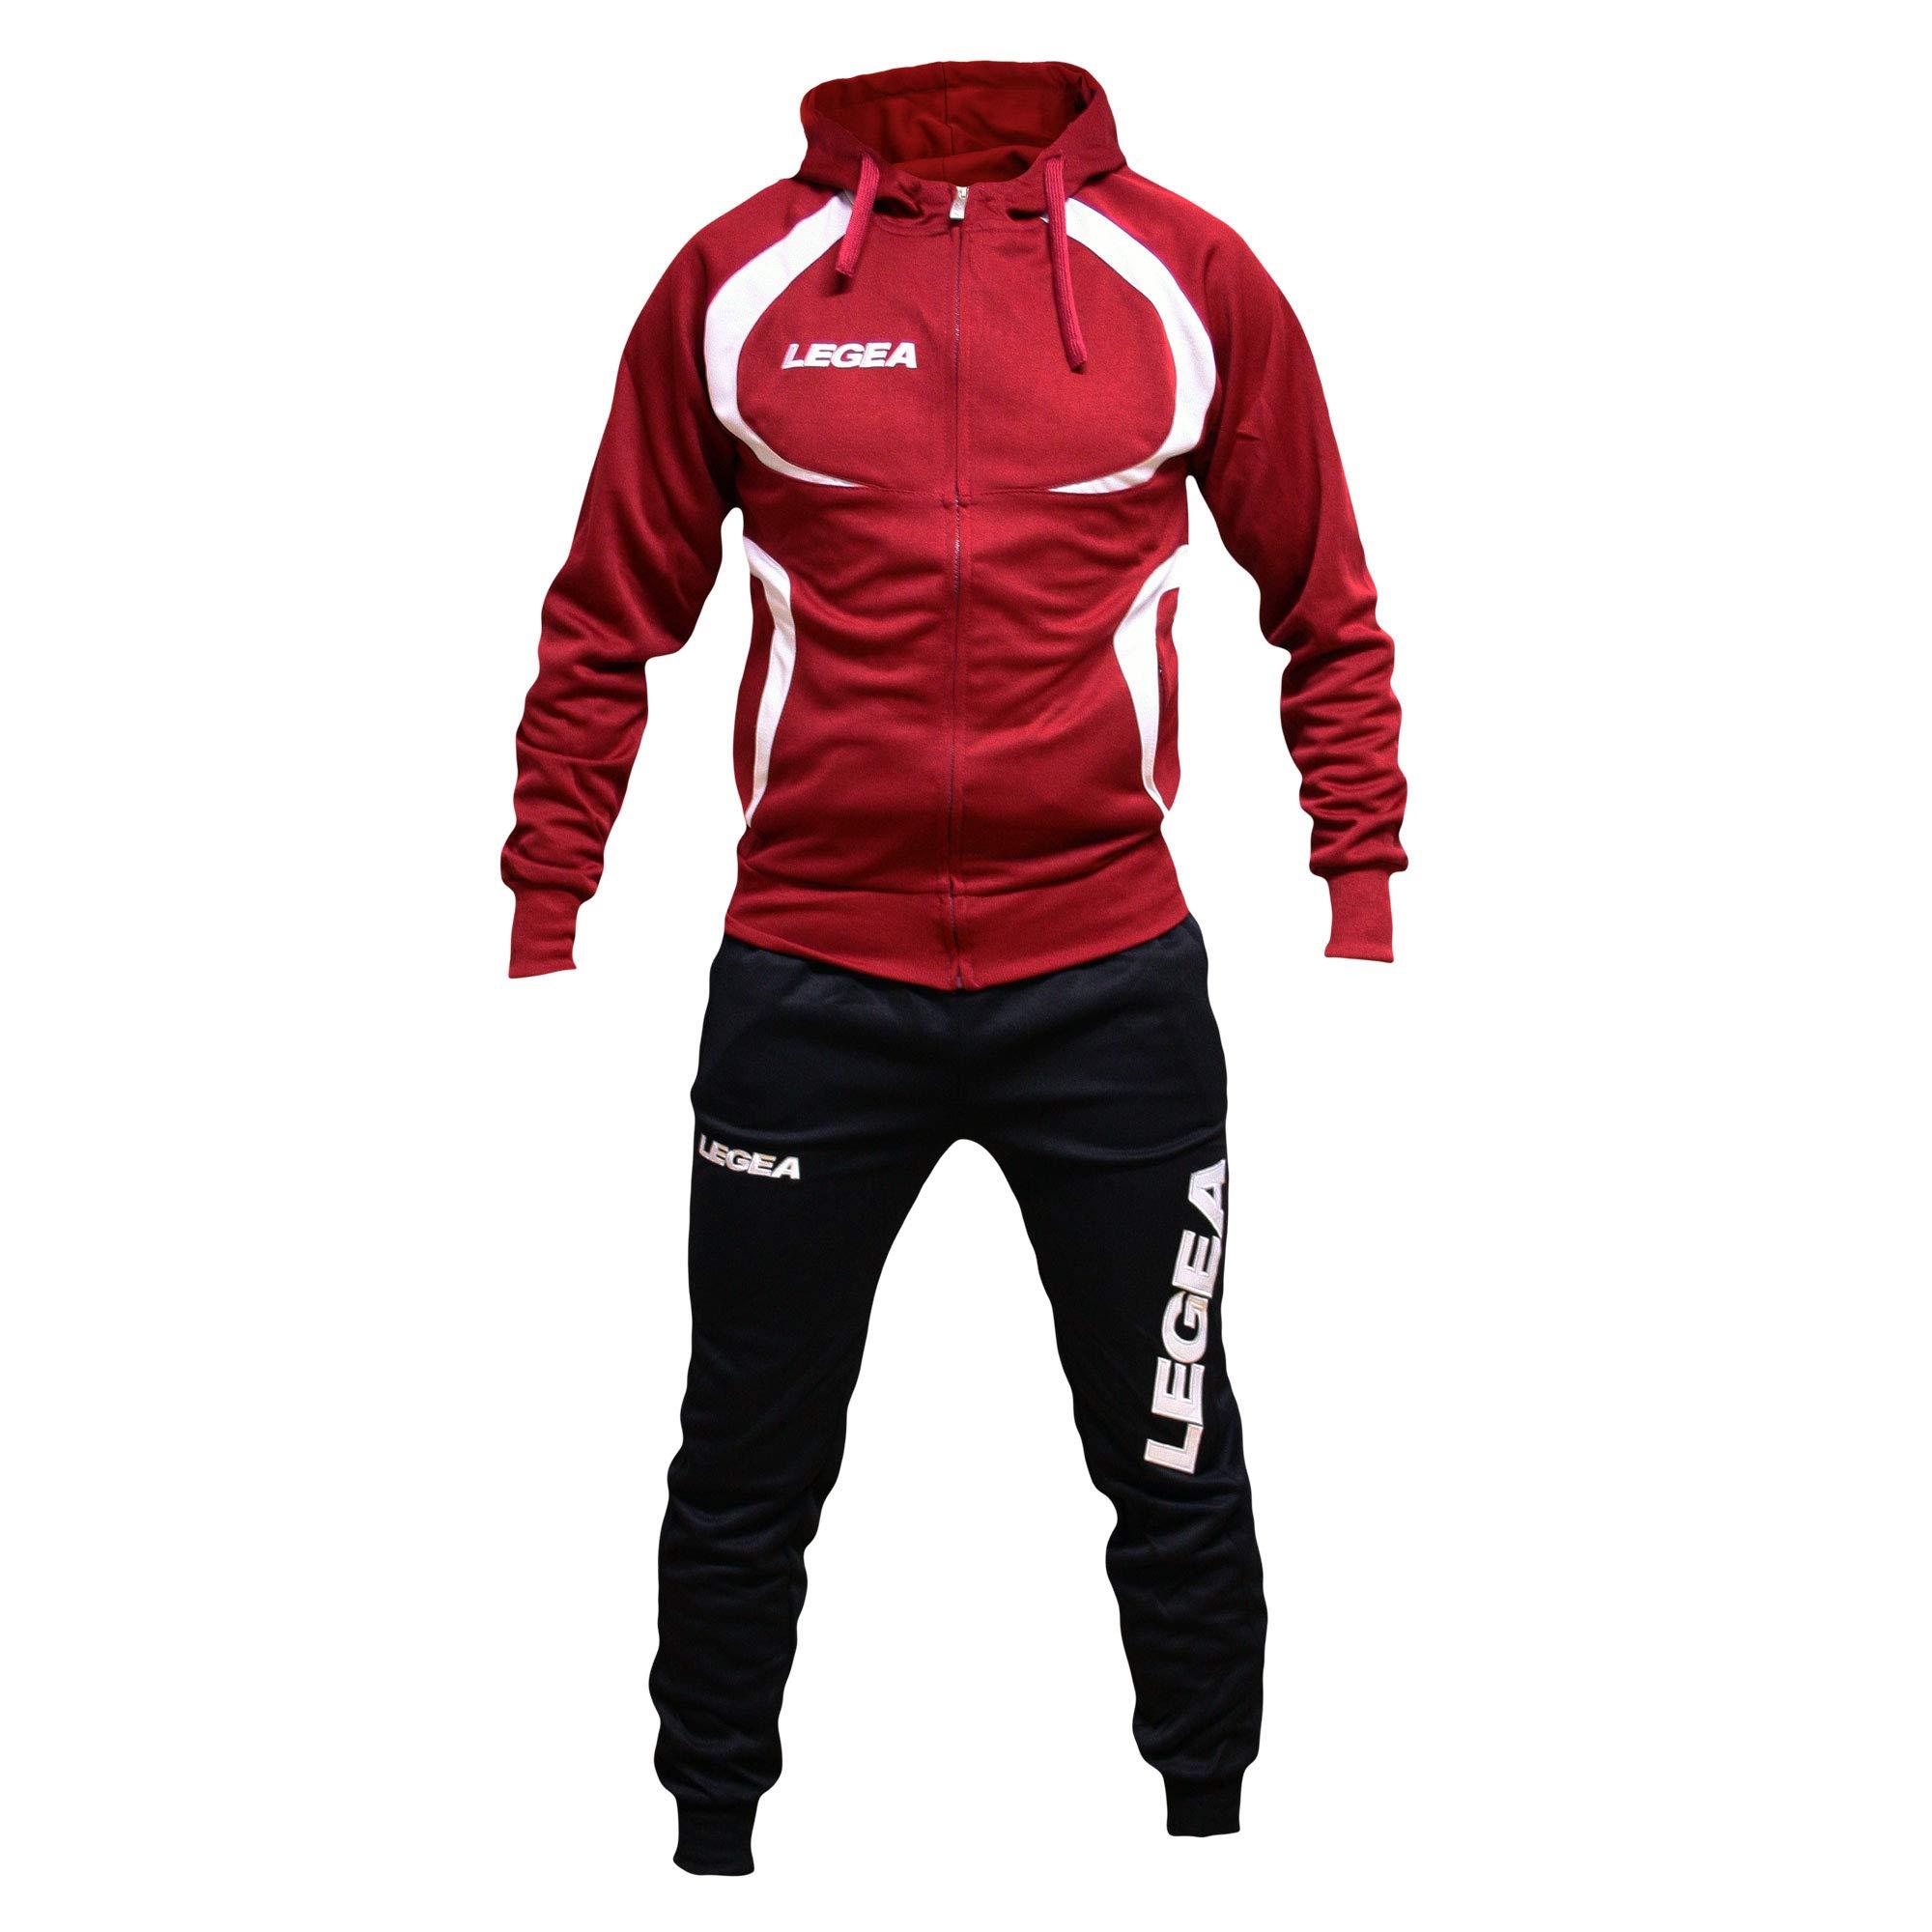 Perseo Sport Tuta Legea Tunisia T110 Uomo Allenamento Fitness Calcio Tempo  Libero Vari Colori e TG a9283892bd1